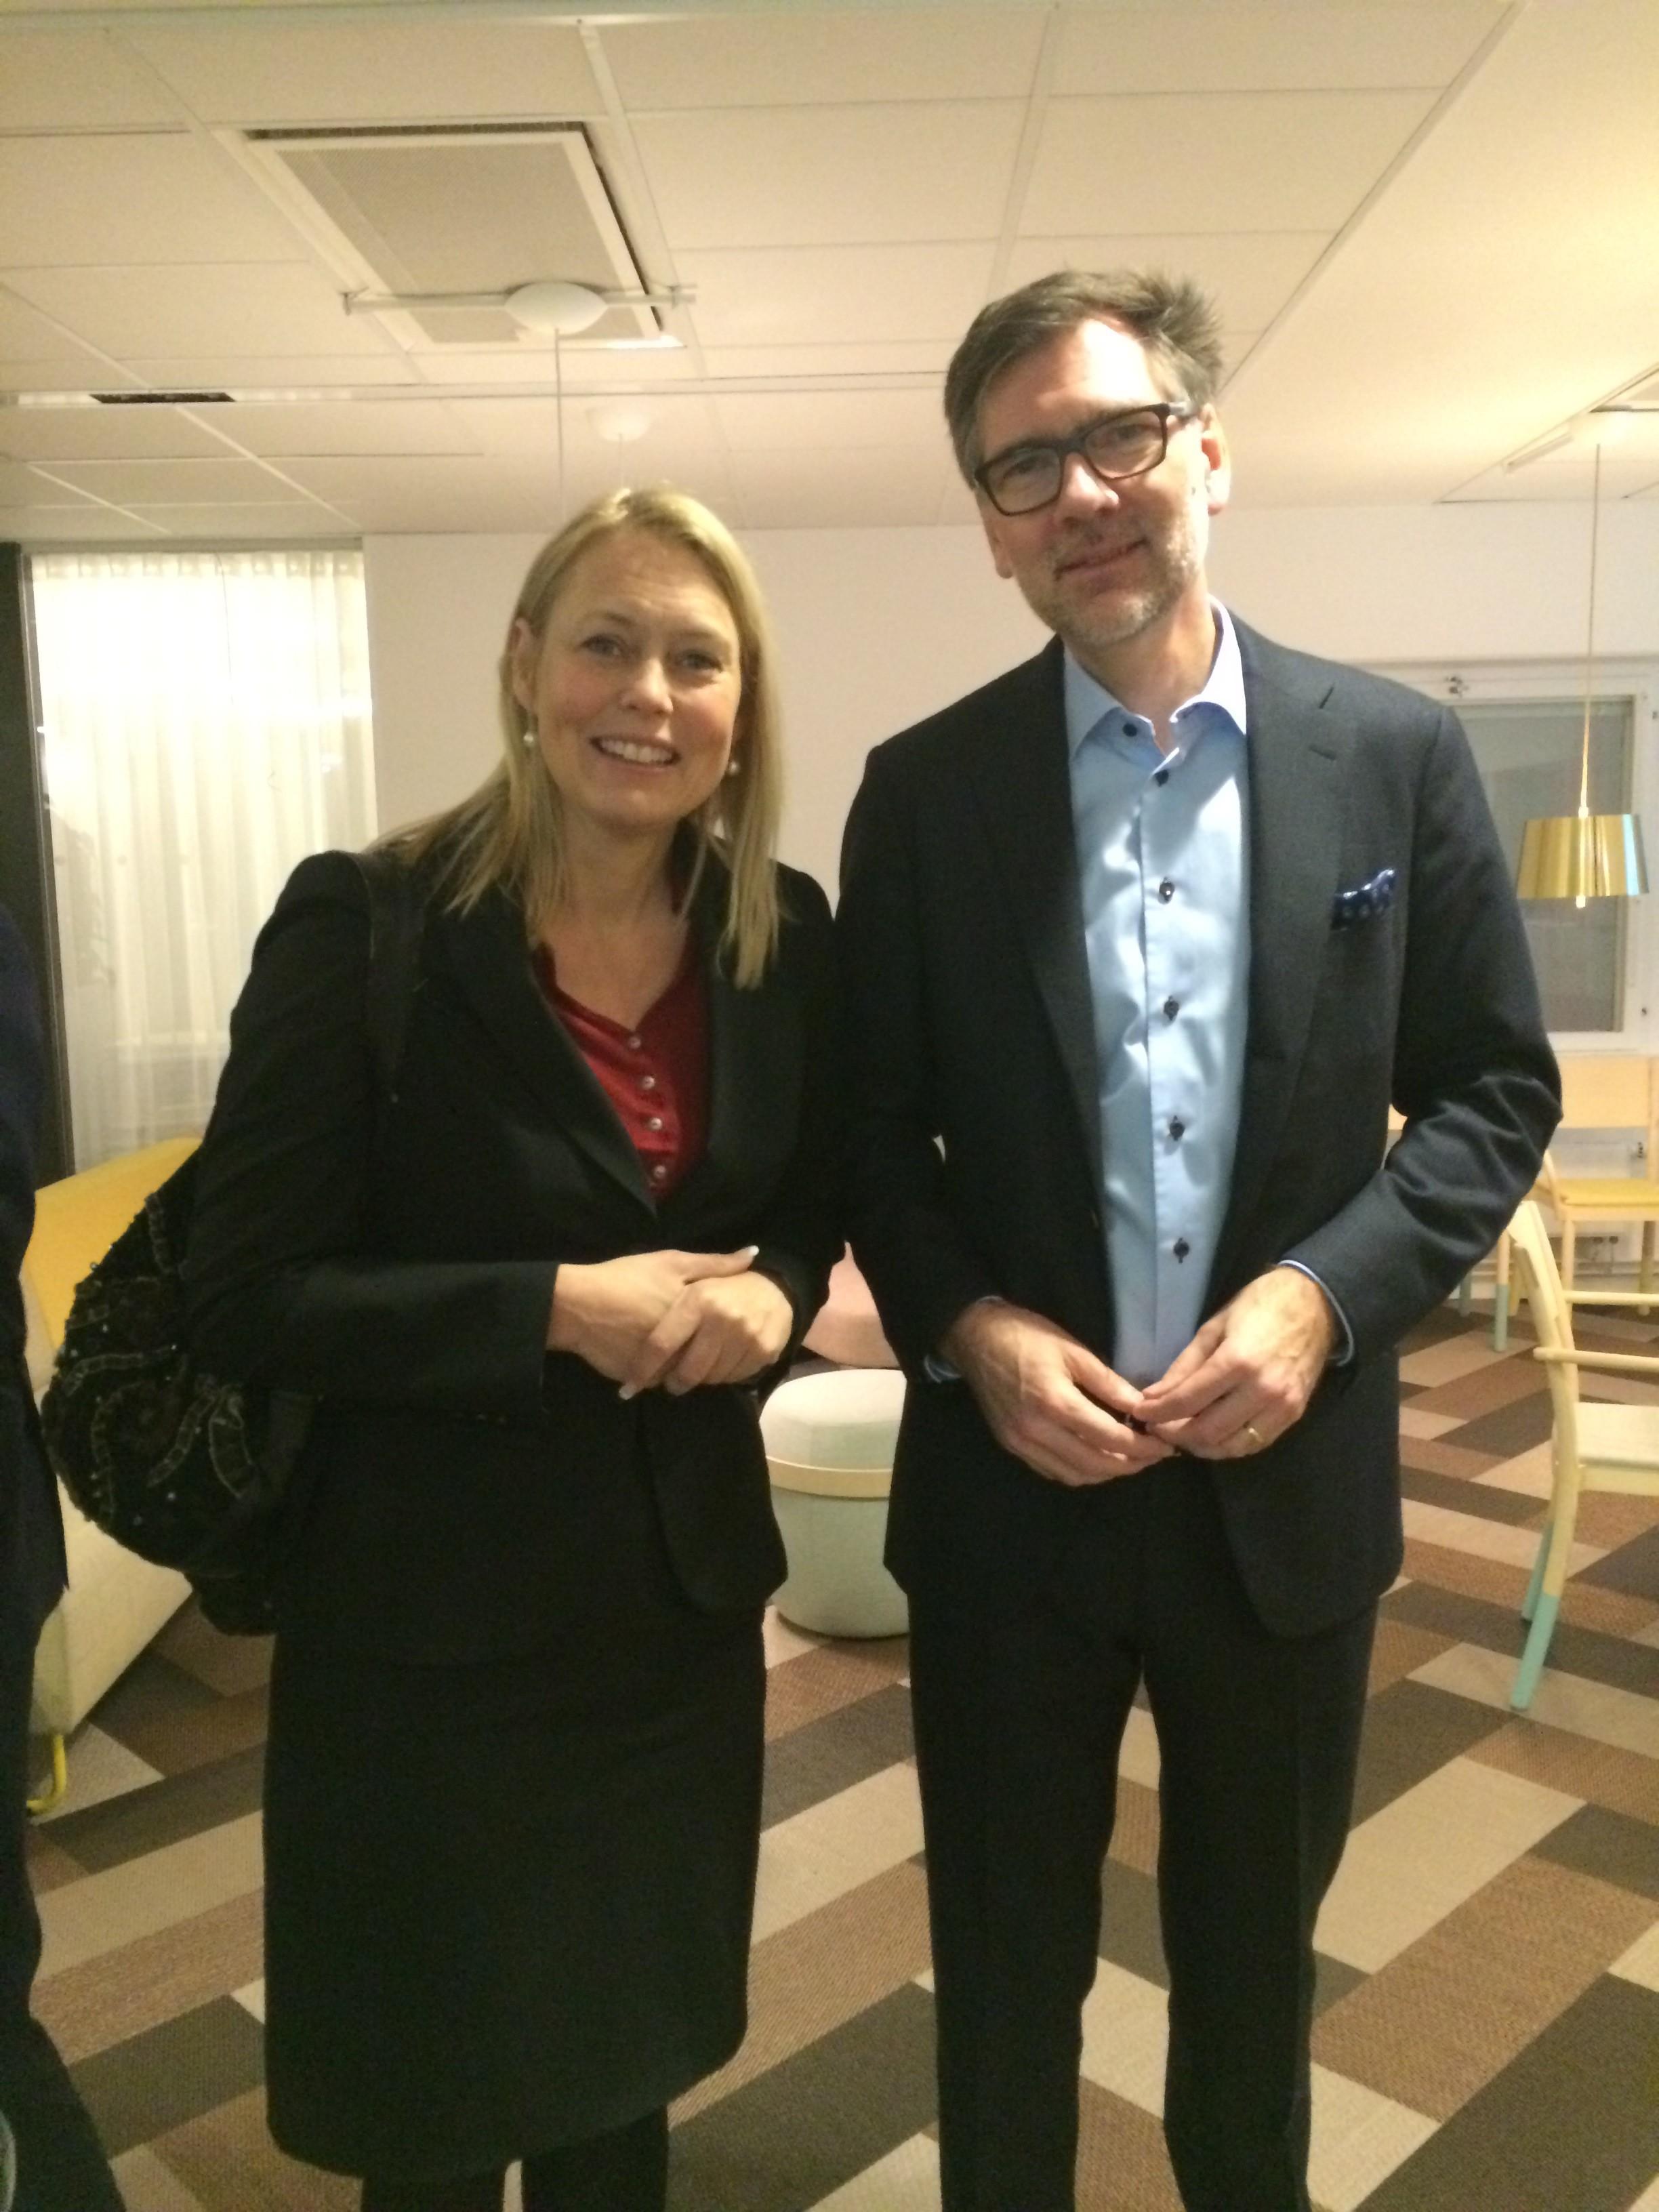 Jenny Gardner and Carsten Harbo